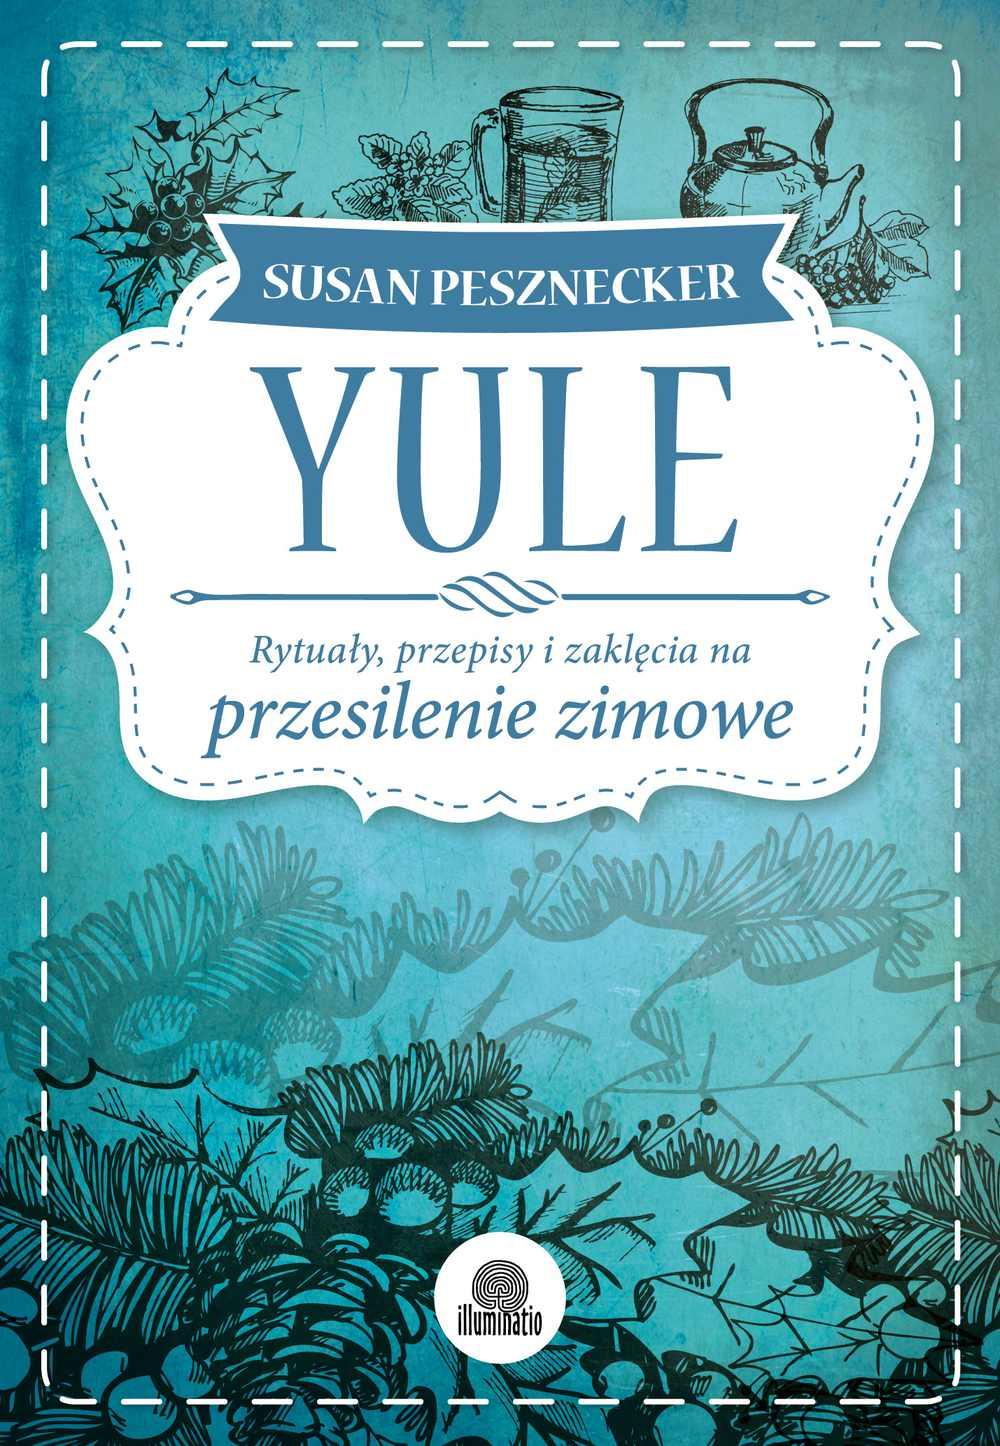 Yule. Rytuały, przepisy i zaklęcia na przesilenie zimowe - Ebook (Książka EPUB) do pobrania w formacie EPUB